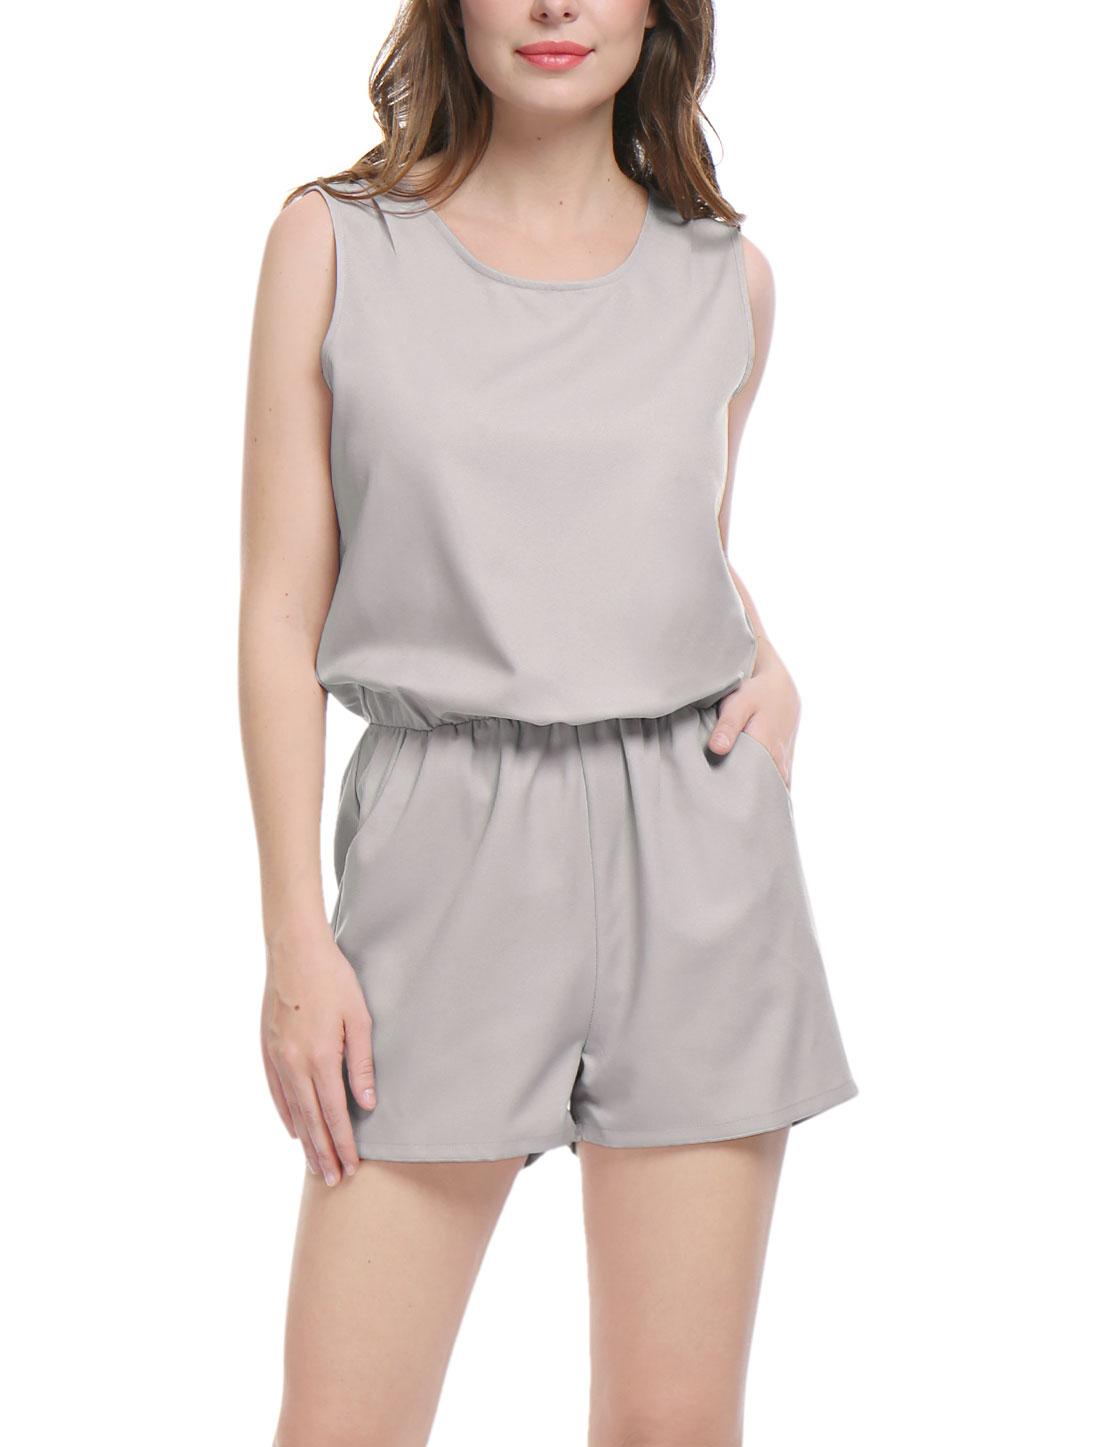 Women Sleeveless Cut Out Back Elastic Waist Romper Gray XL